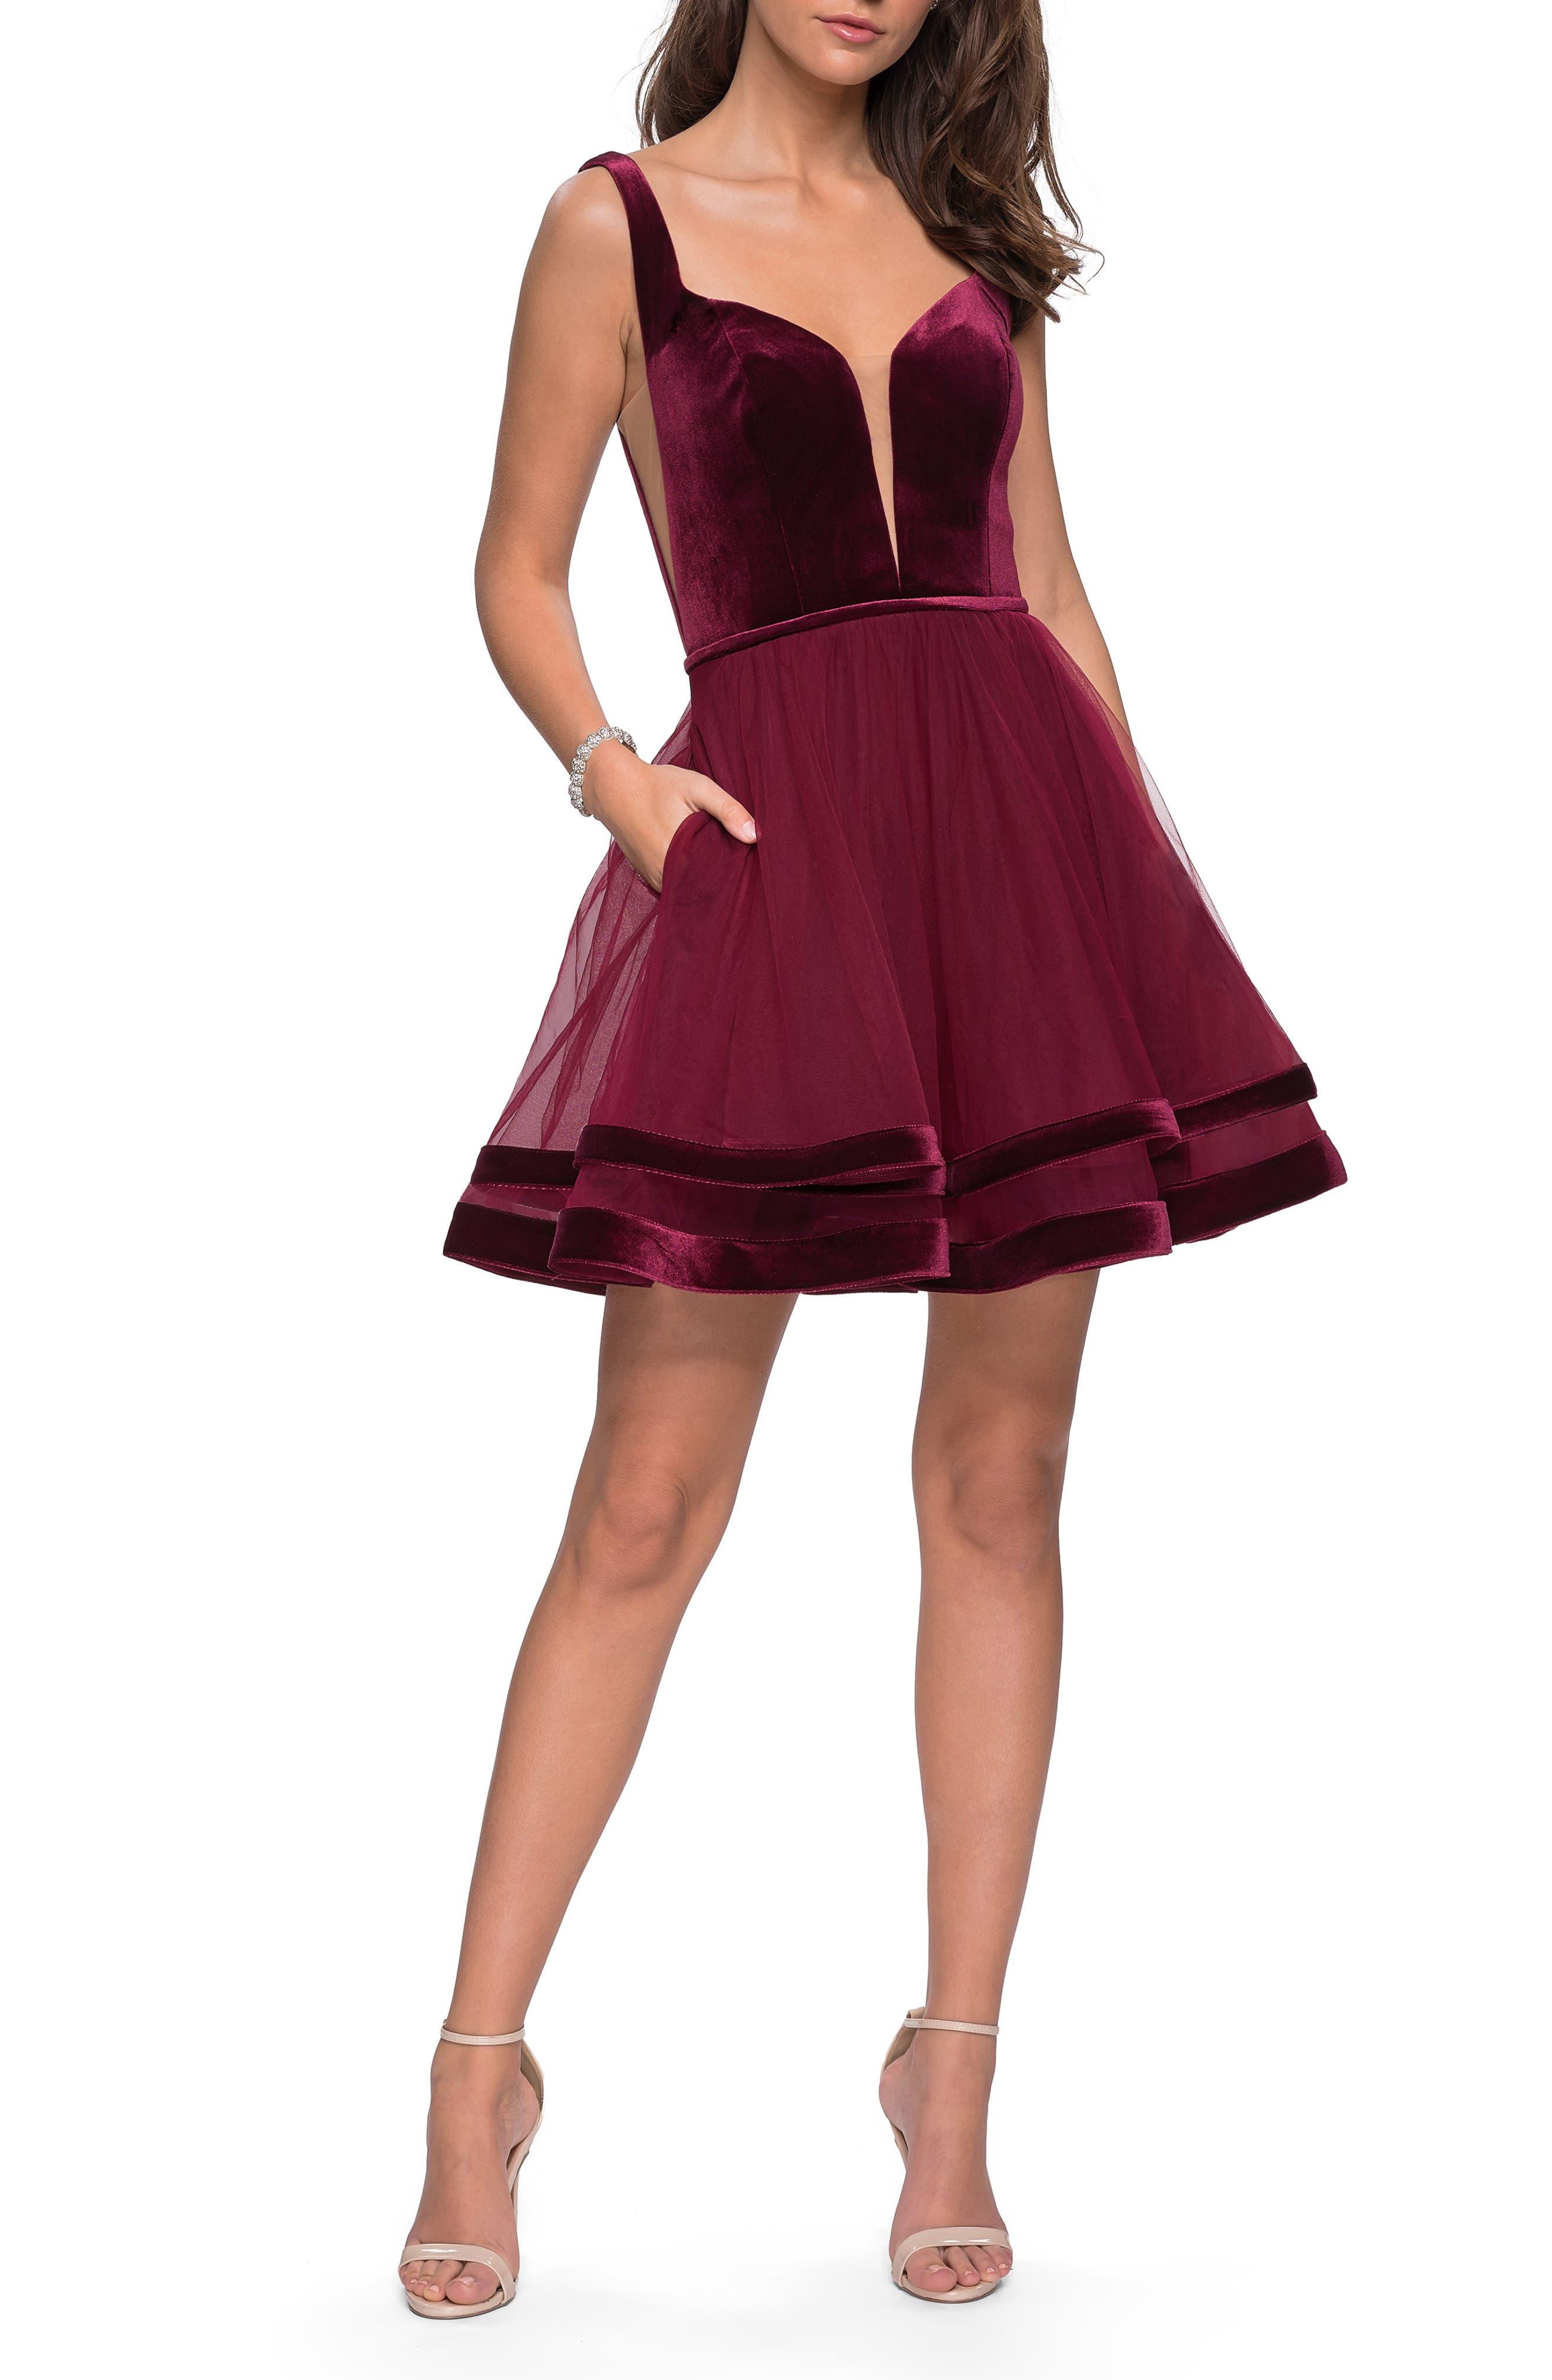 La Femme Velvet & Tulle Party Dress, Burgundy